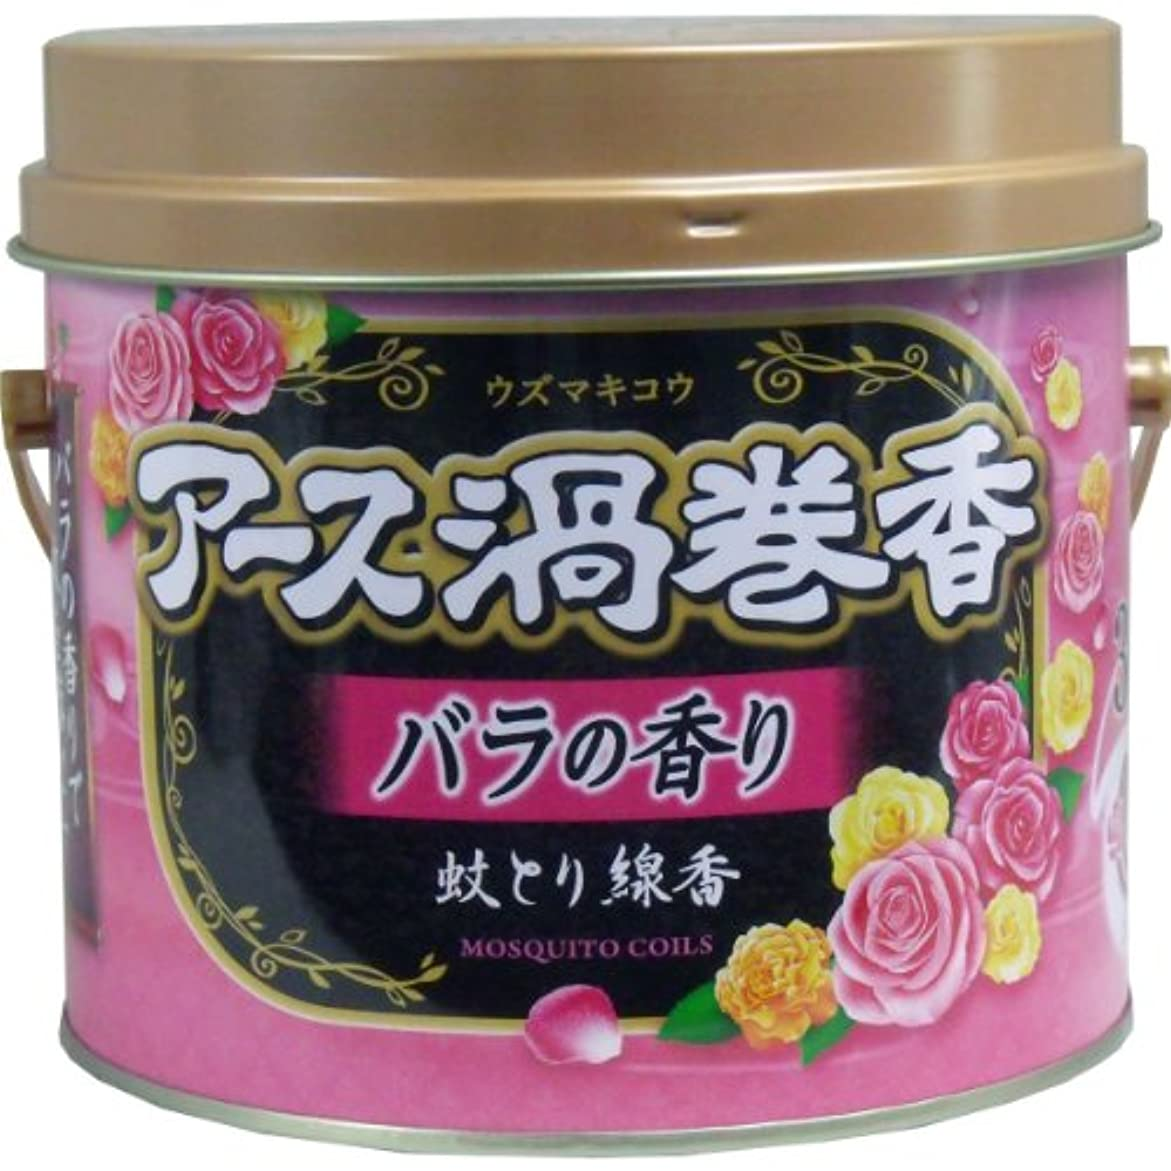 寛容な論理的に混合アース渦巻香 蚊とり線香 バラの香り 30巻2個セット